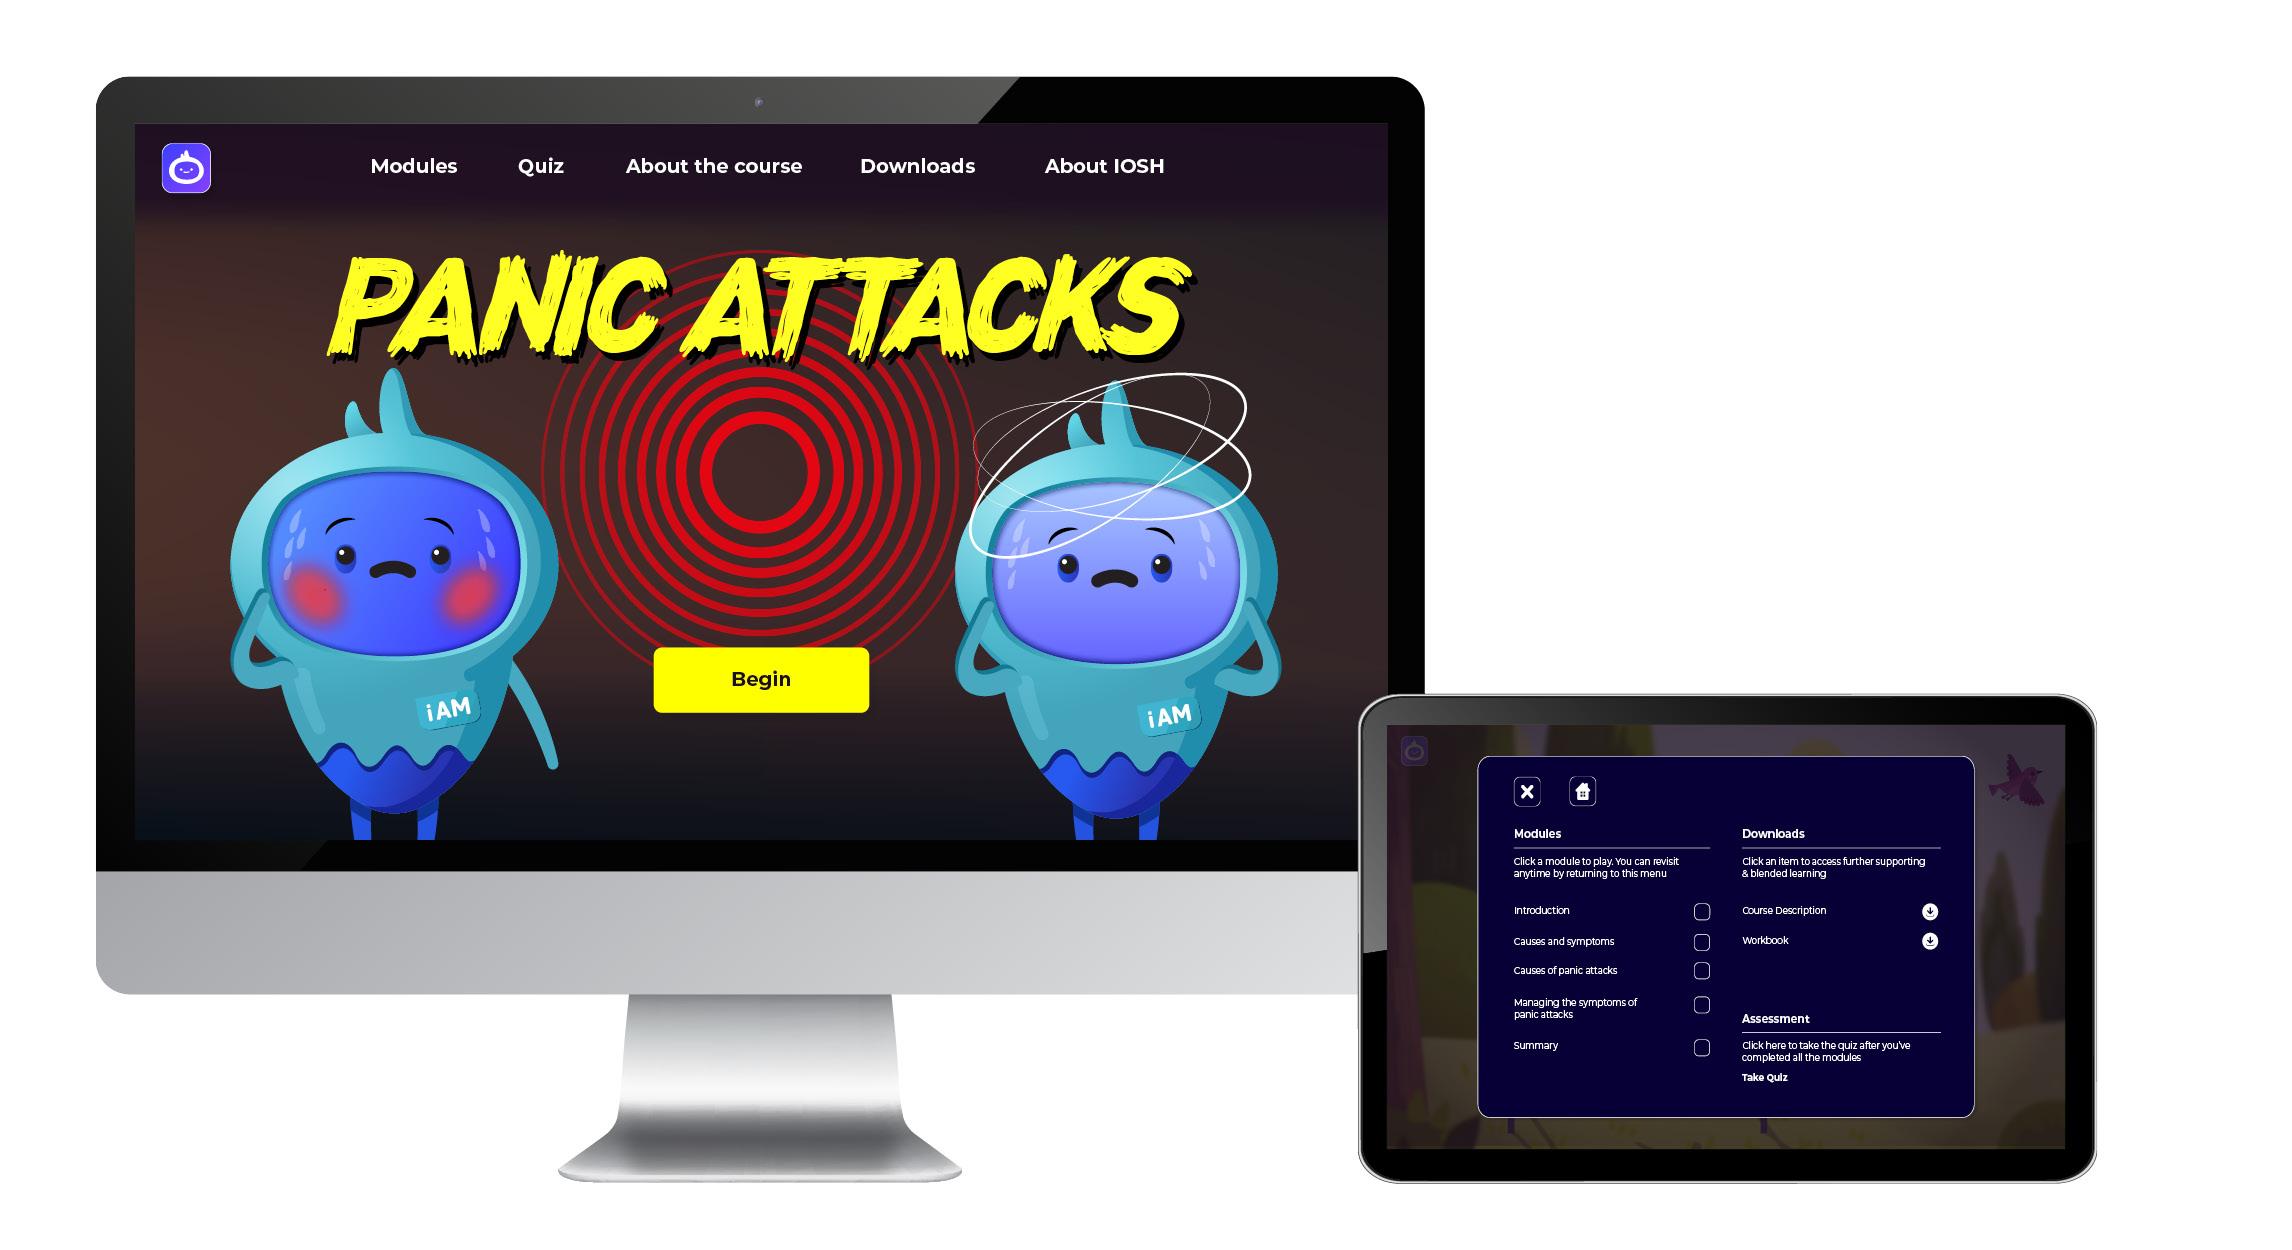 iAM 00016 - Panic Attacks - Landing Page7